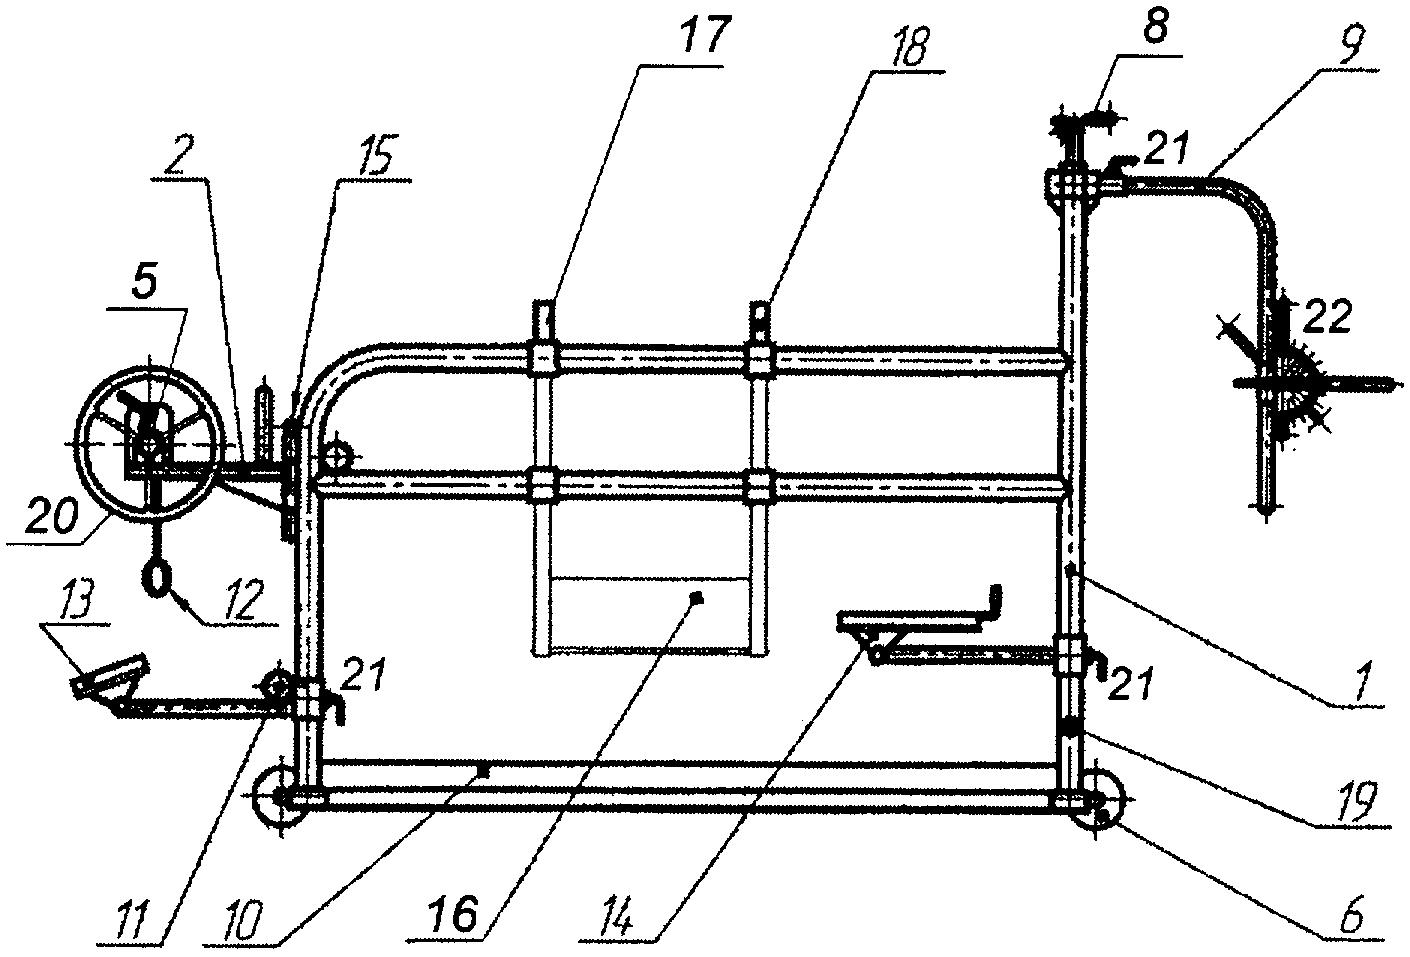 Станок (раскол) для фиксации и обработки копыт крс: схема, размеры, изготовление своими руками